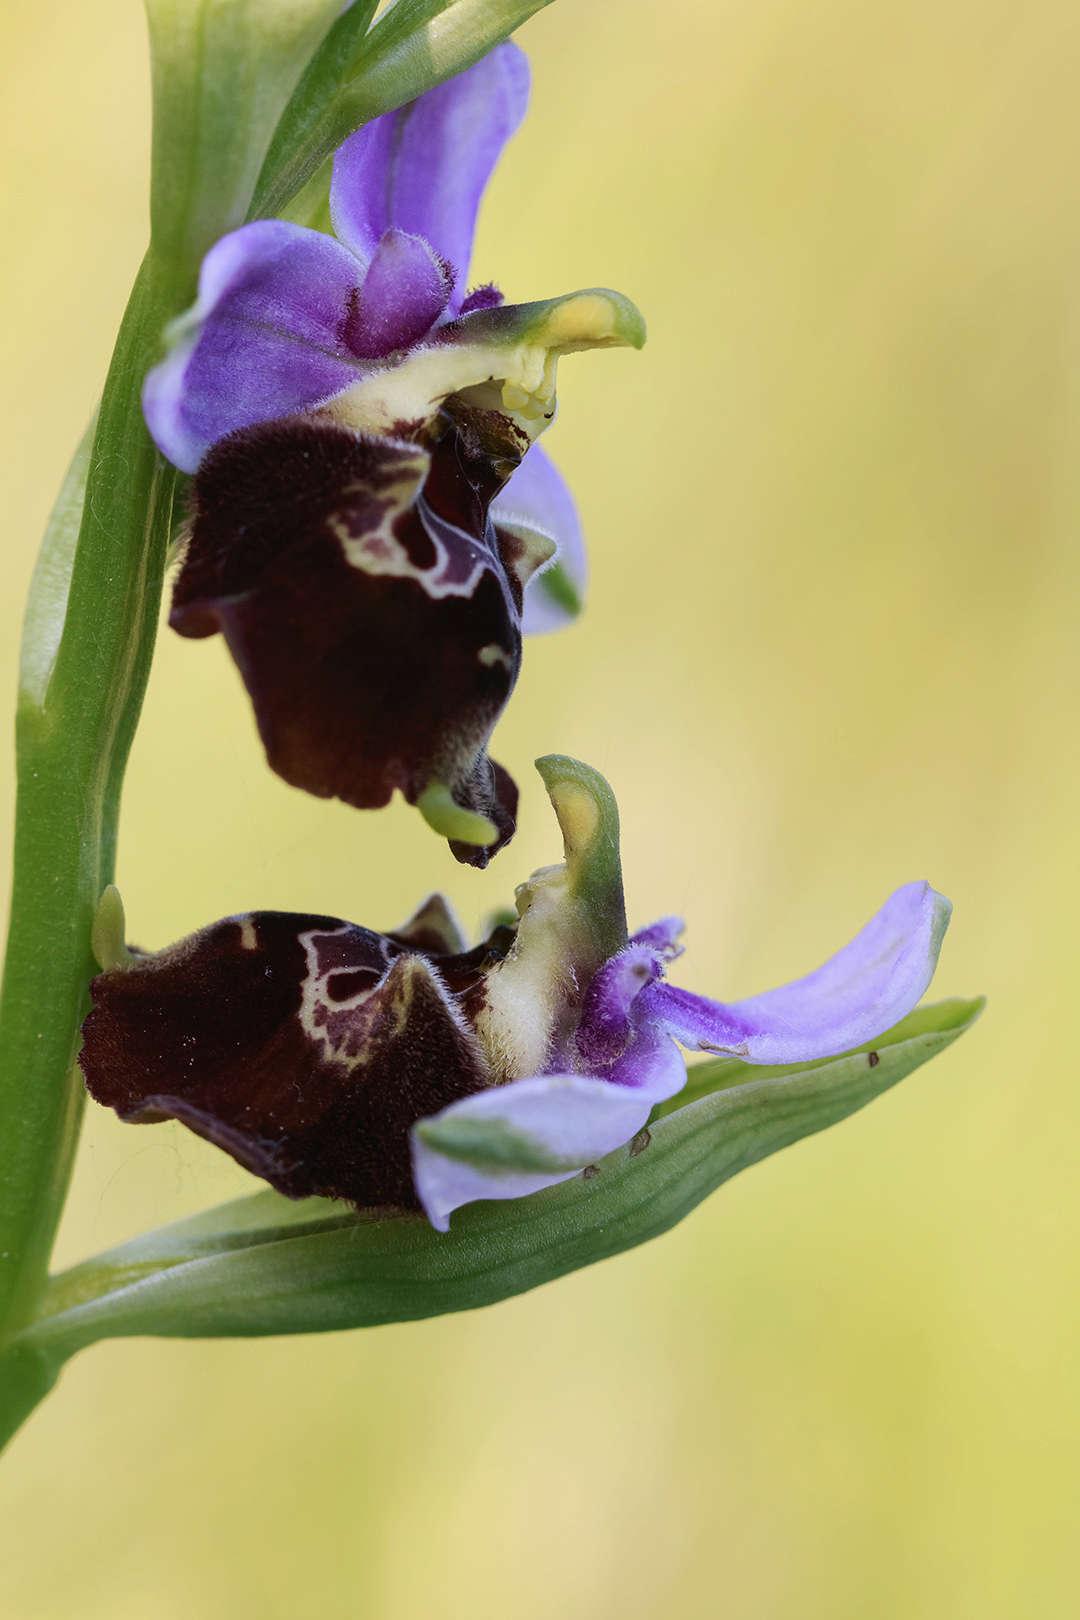 Paroles d'orchidée Ophrys11